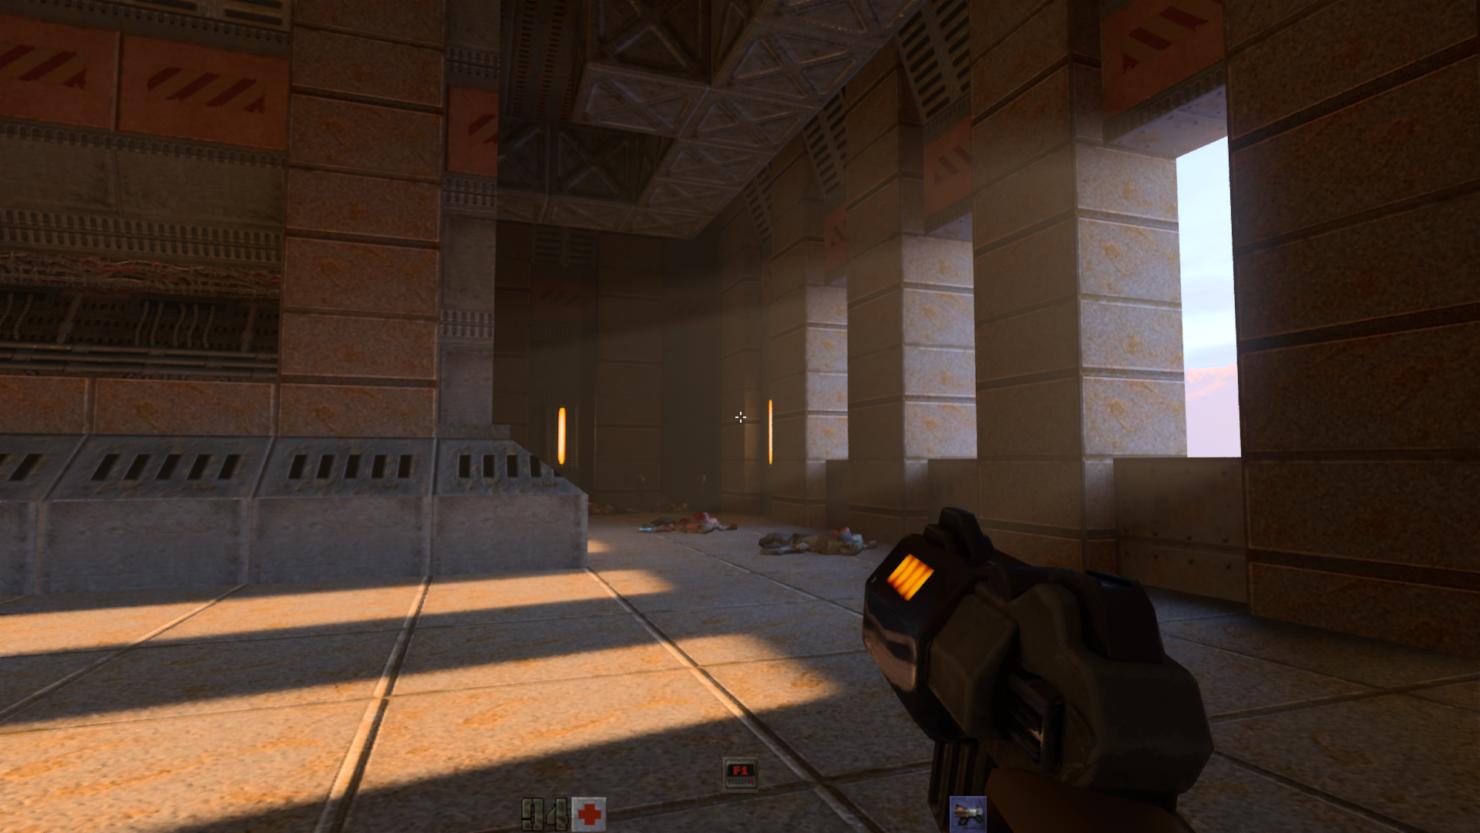 quake-2-rtx-remaster-screenshot-2019-06-06-19-49-41-97